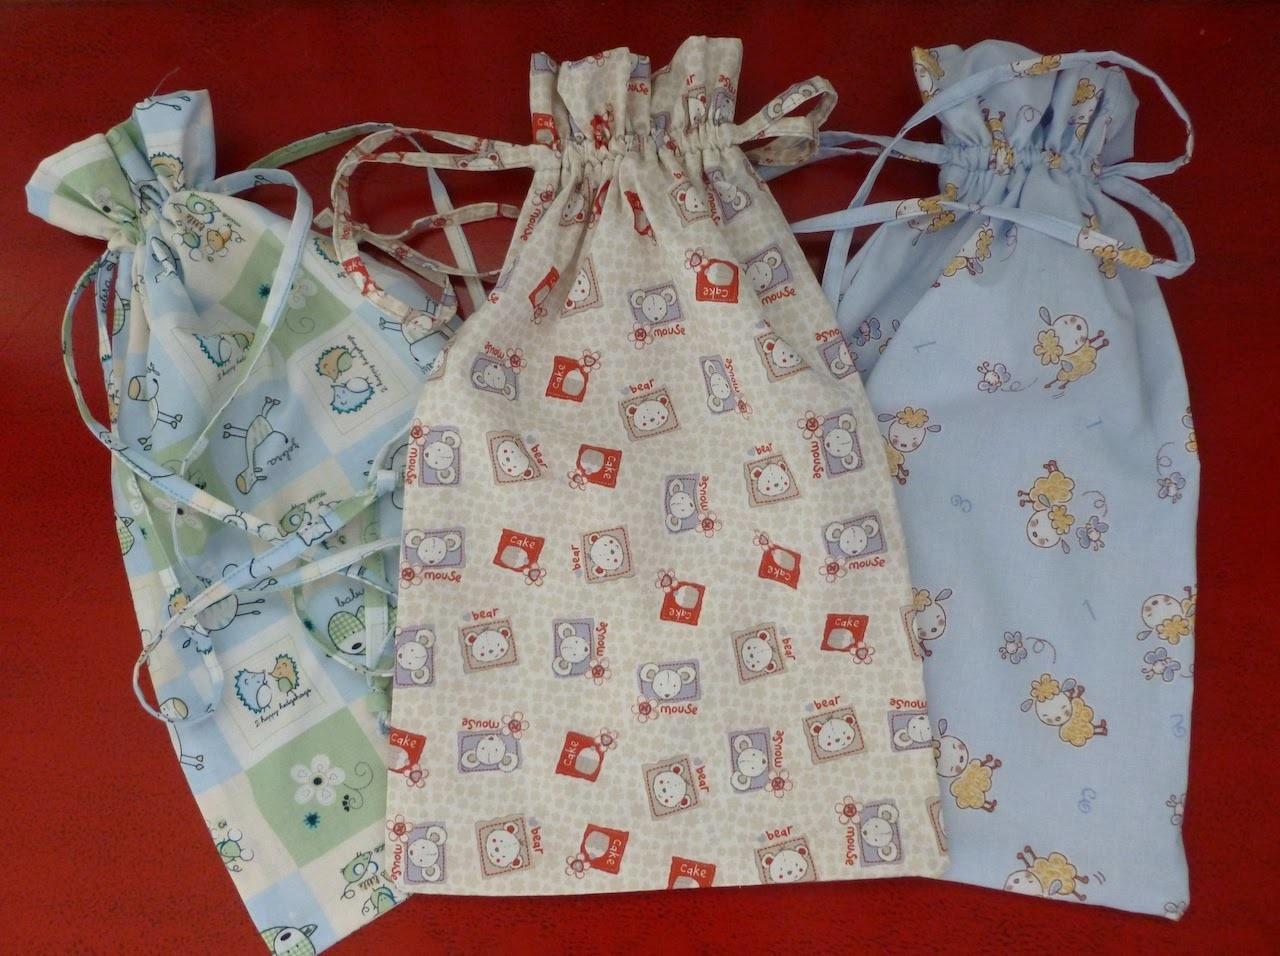 Diy cucito creativo tutorial sacchetti per neonato asilo for Tutorial cucito creativo facile